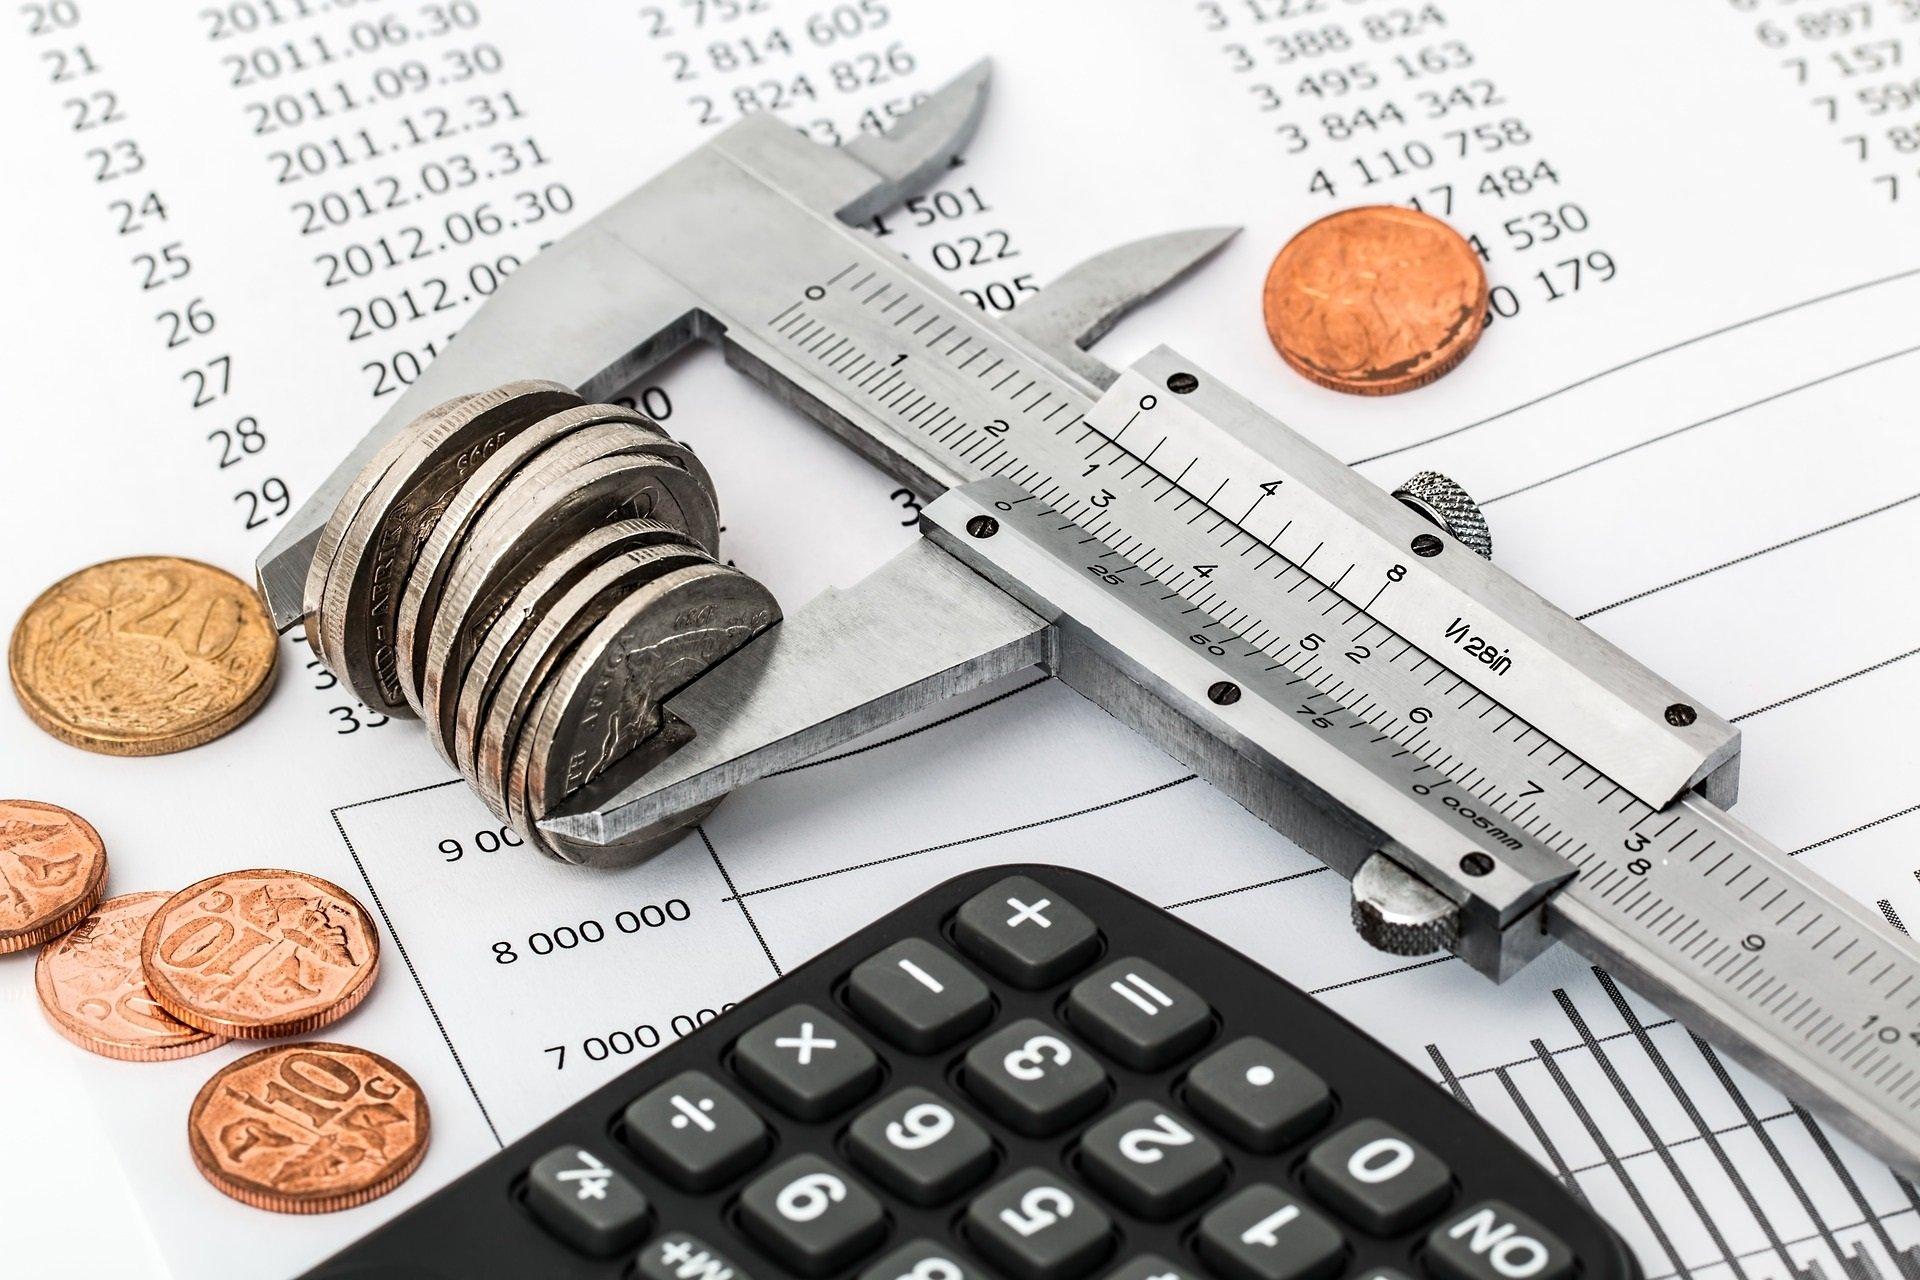 Податкова амністія стартувала в Україні: яке майно слід задекларувати обов'язково